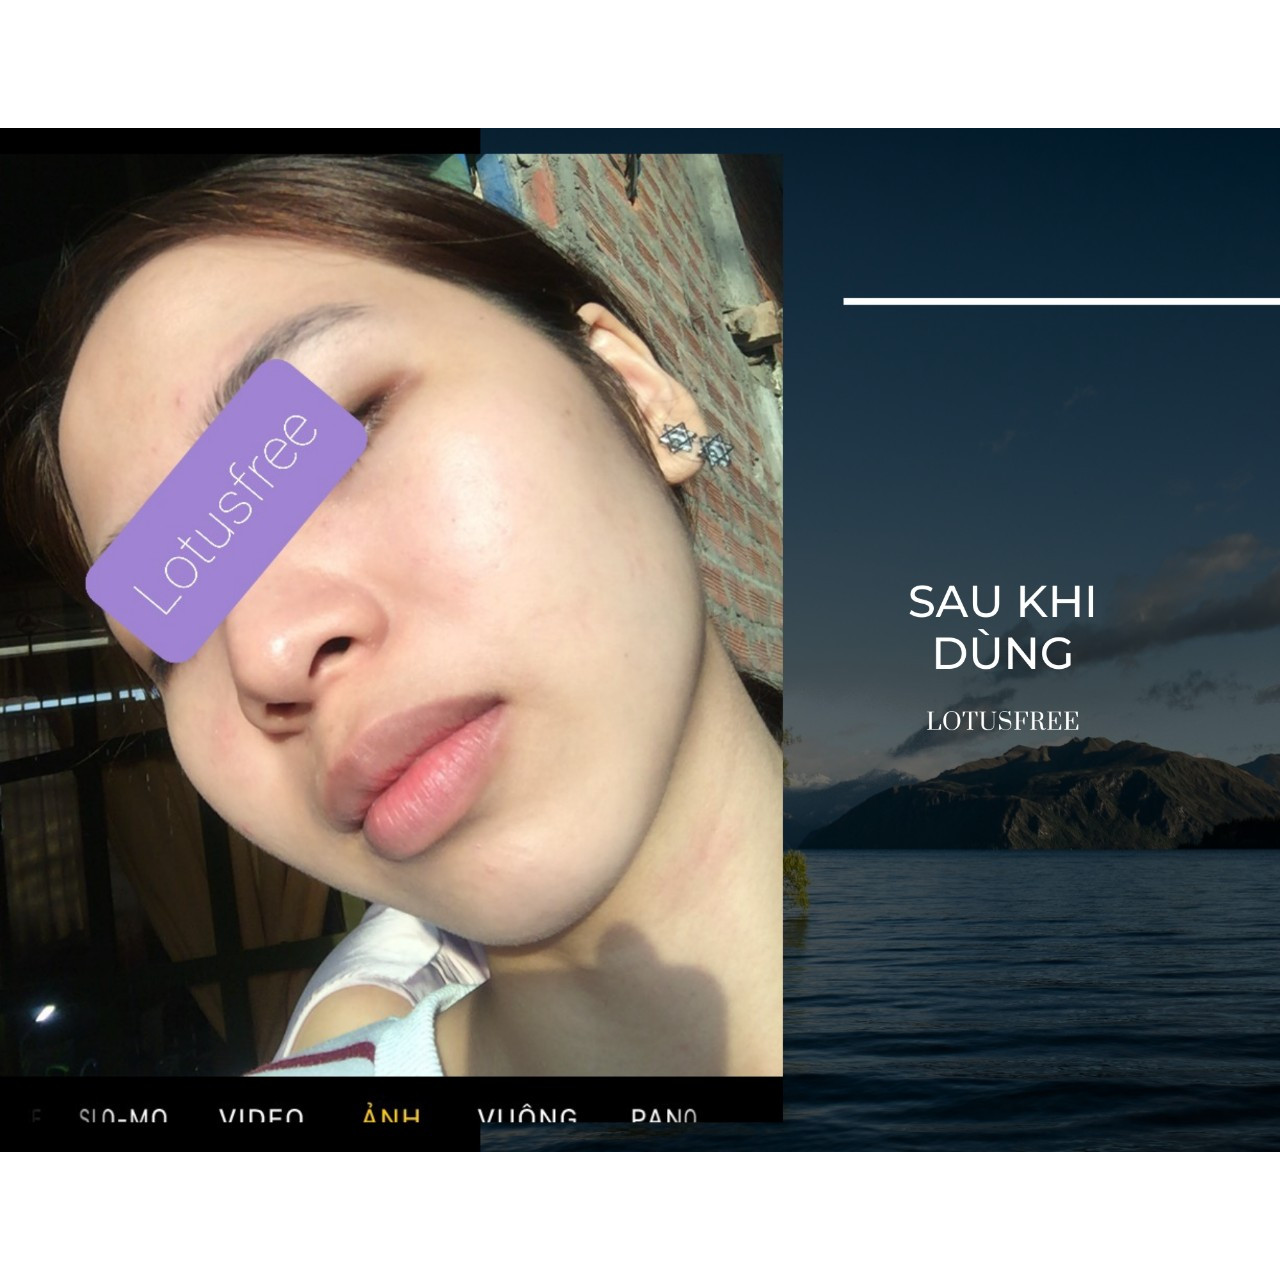 Iris Serum 30 ml Sản phẩm dưỡng trắng hỗ trợ phục hồi da phù hợp cho da mụn.